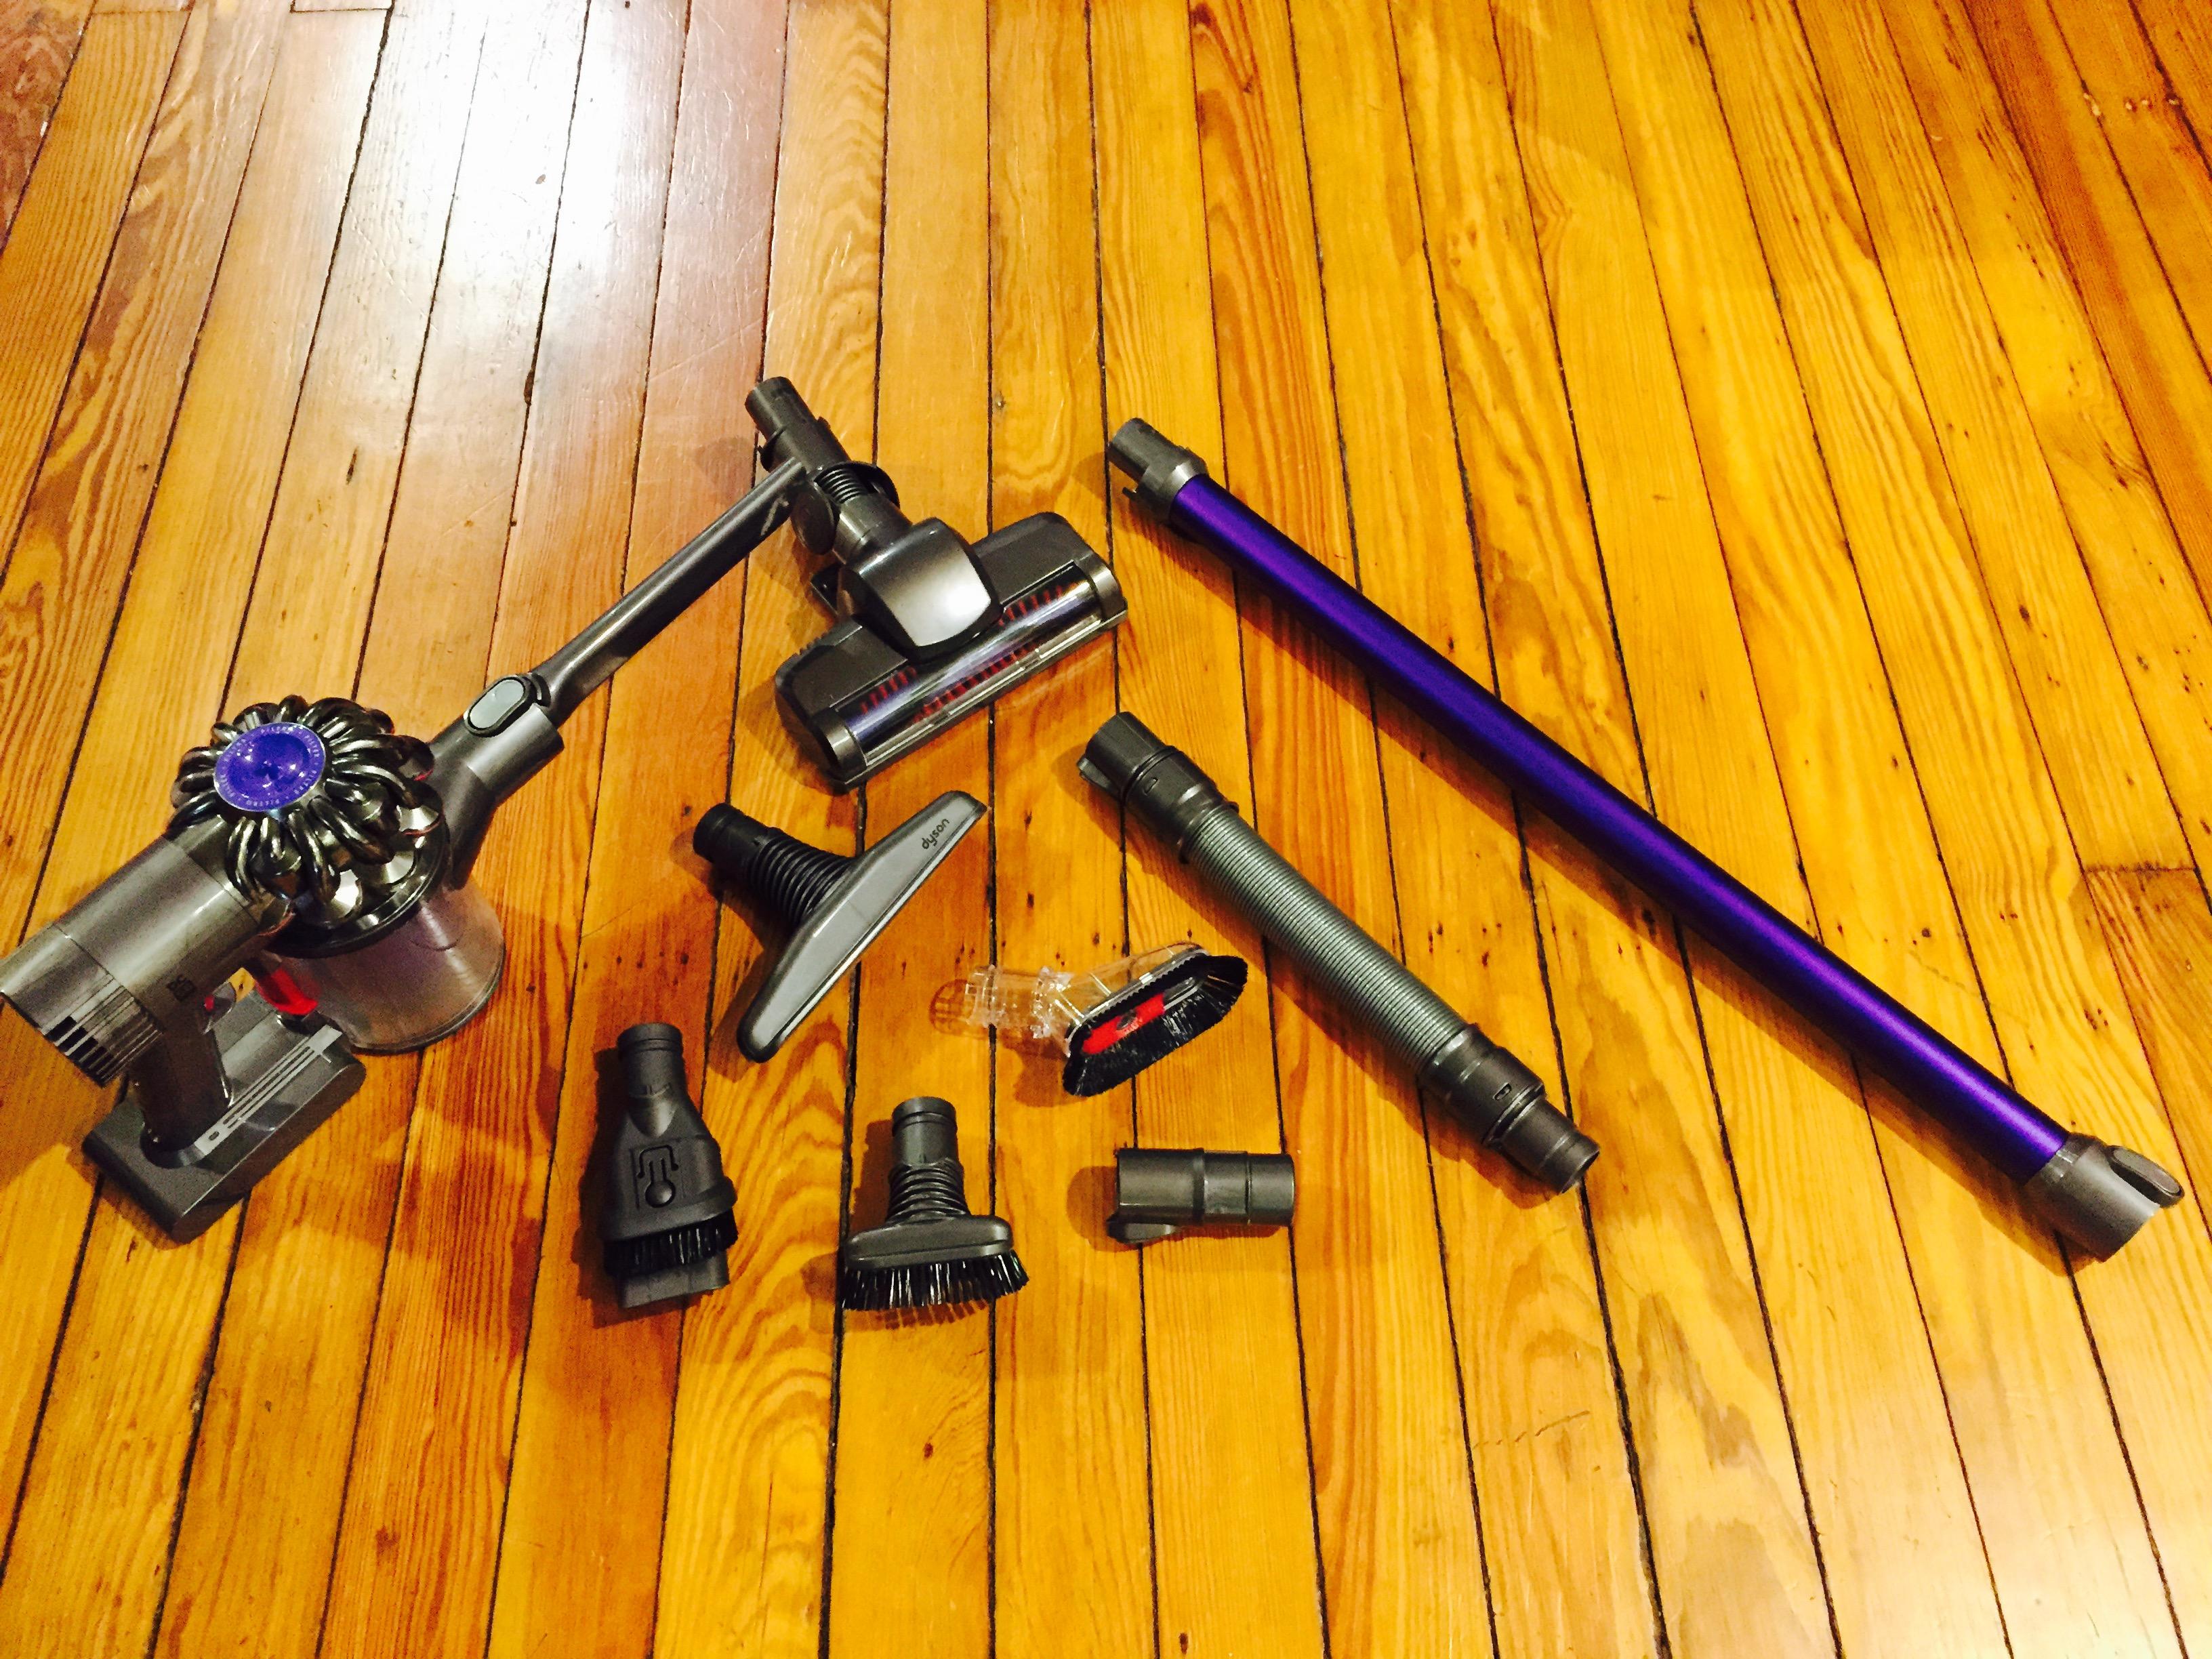 Dyson v6 ремонт пылесосы дайсон с аквафильтром